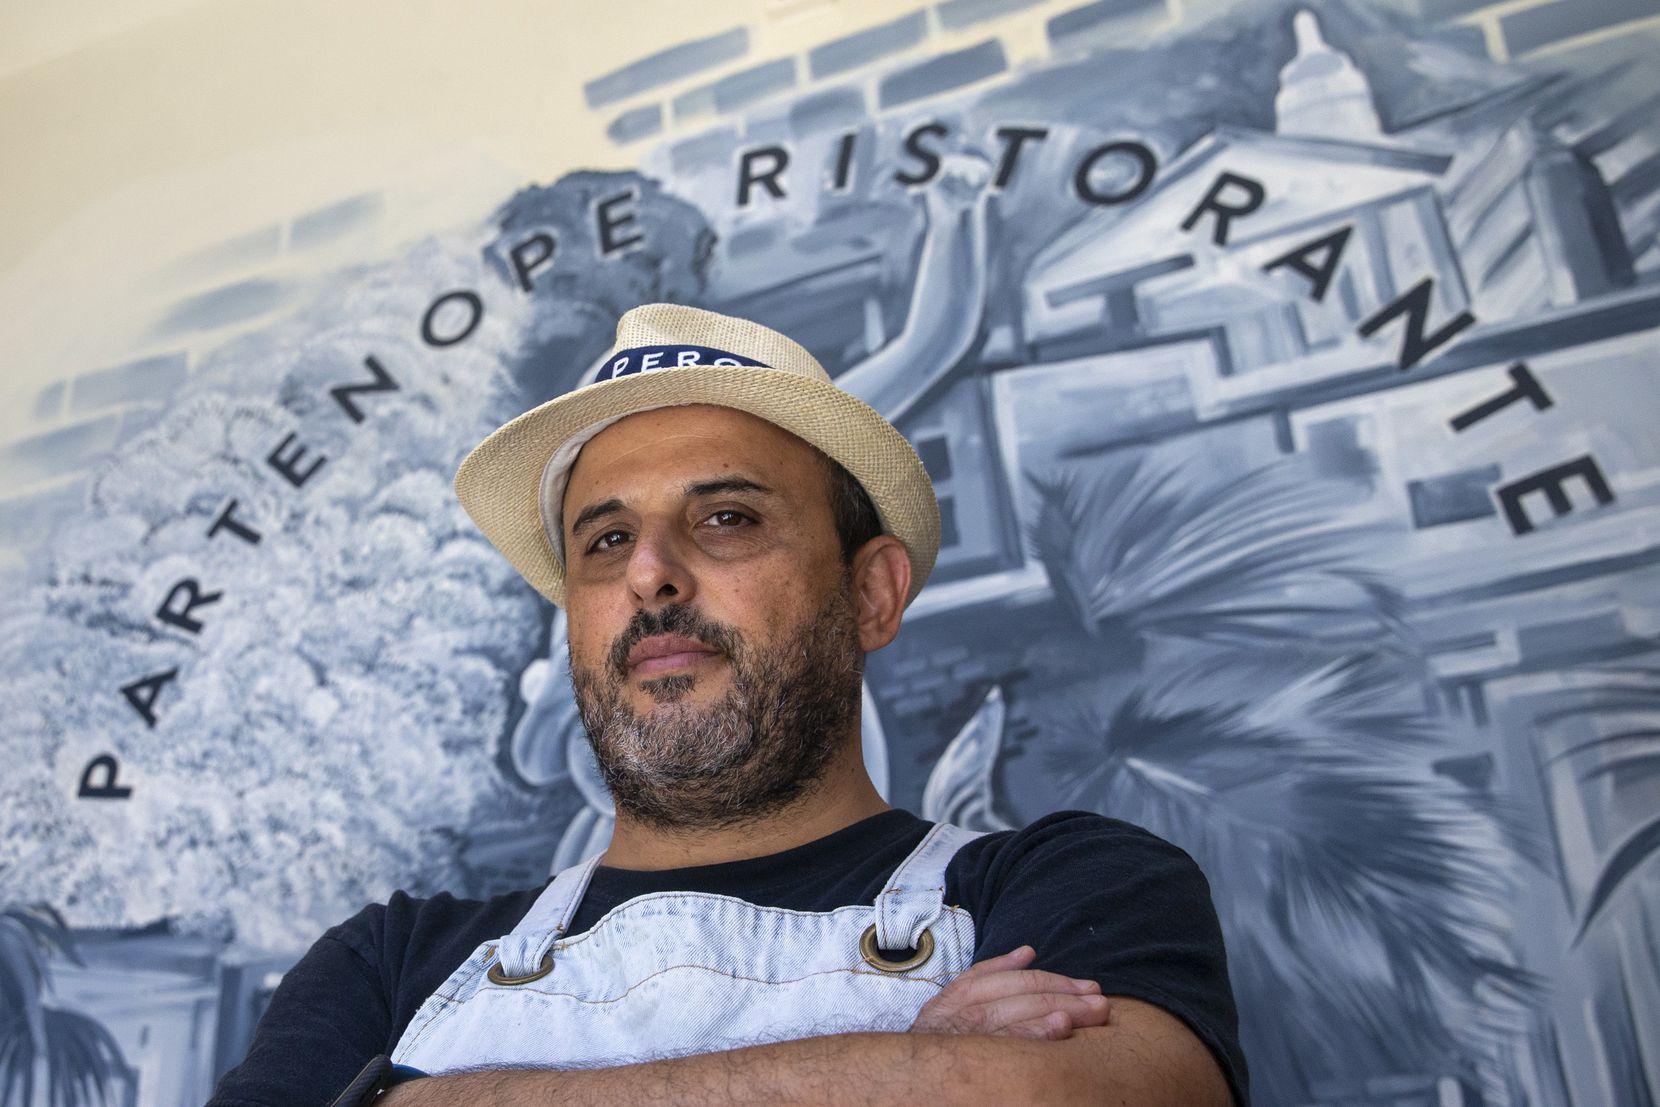 Chef Dino Santonicola owns Partenope Ristorante.